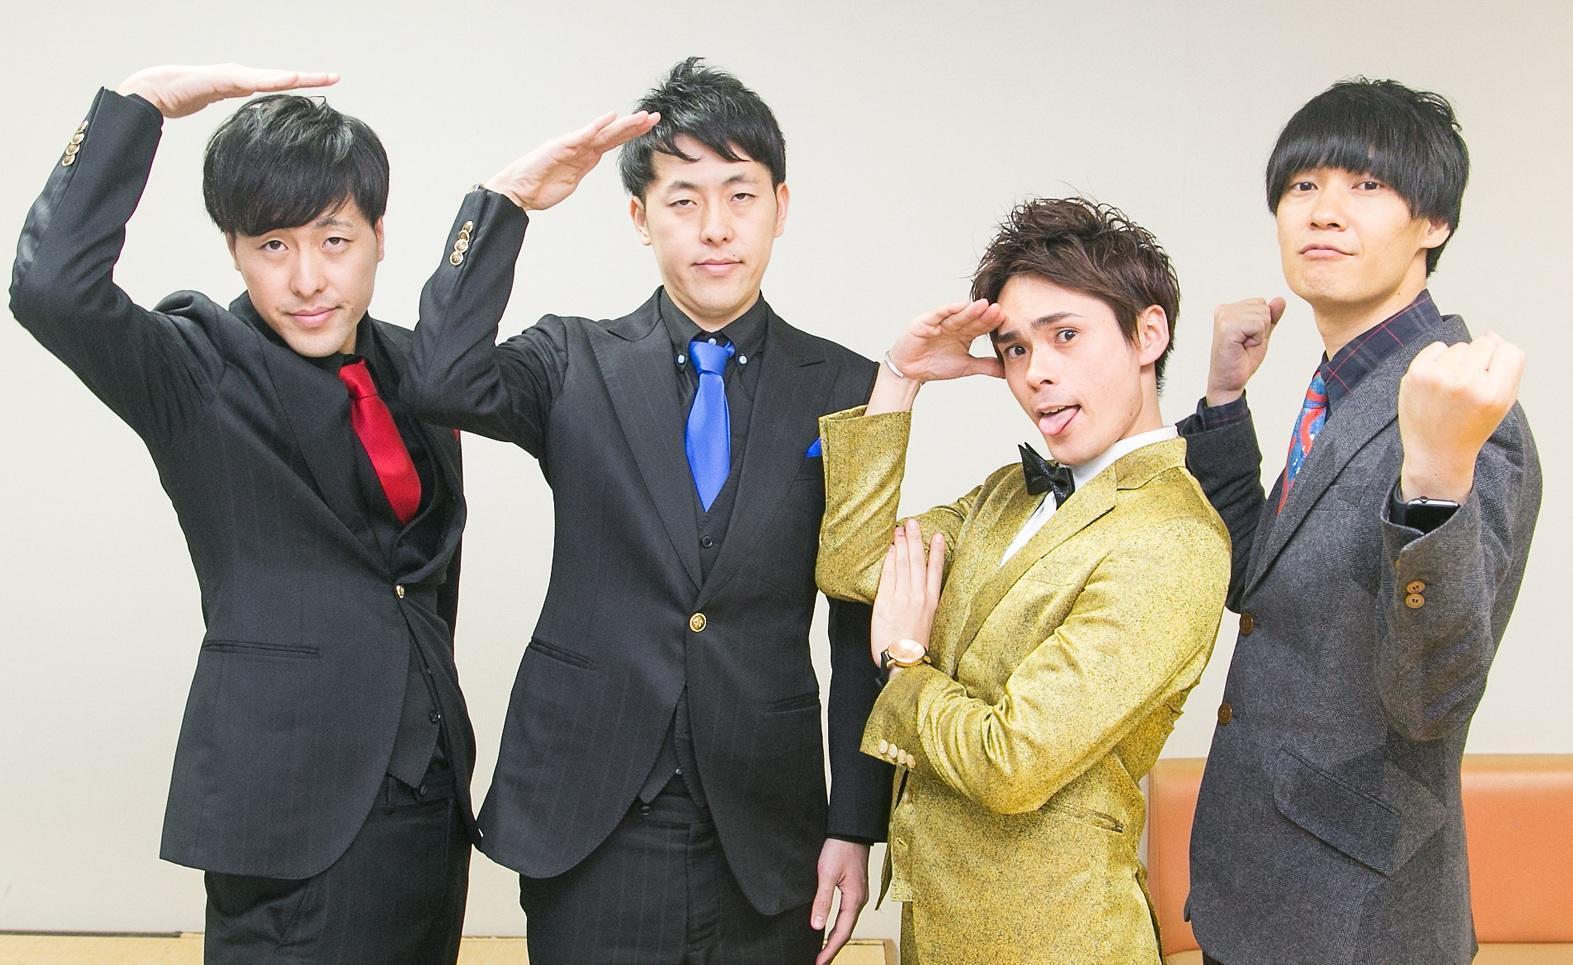 http://news.yoshimoto.co.jp/20181226120208-293d0f6d4b21fbc374cfebf9d01e276e919c155a.jpg